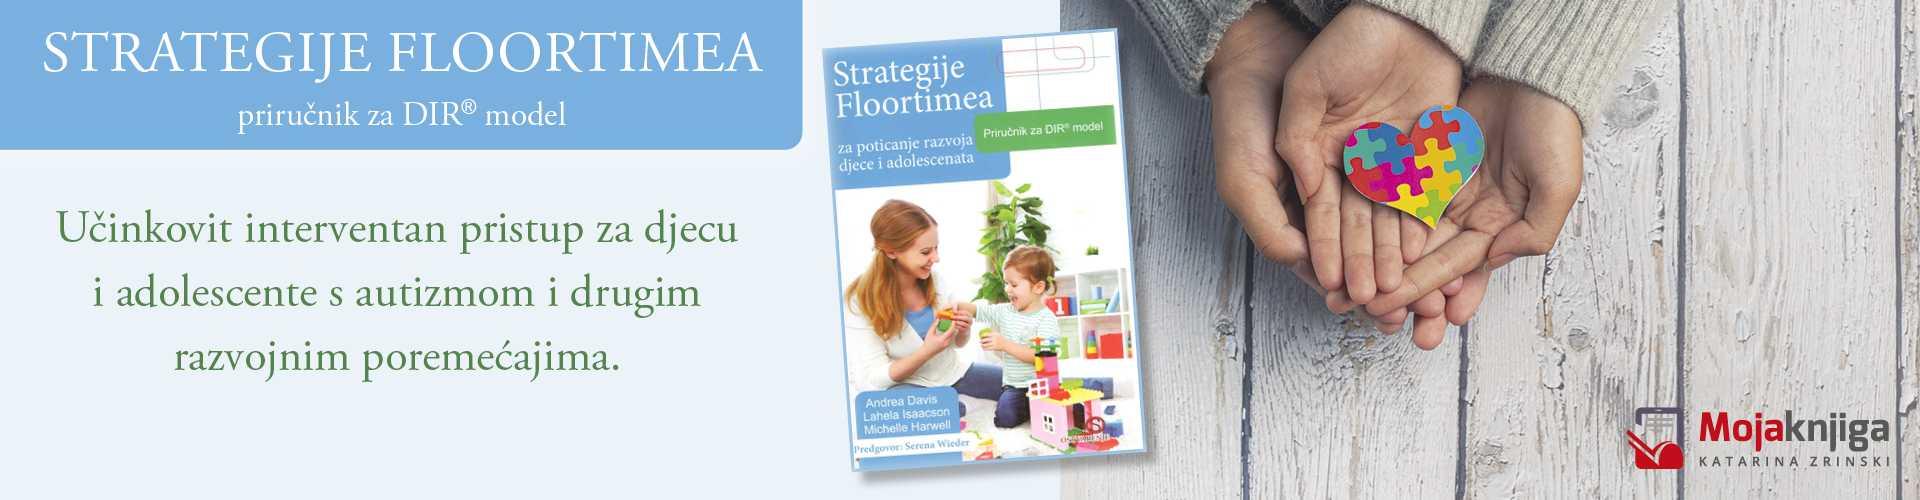 Strategije Floortimea 2021 1920-500